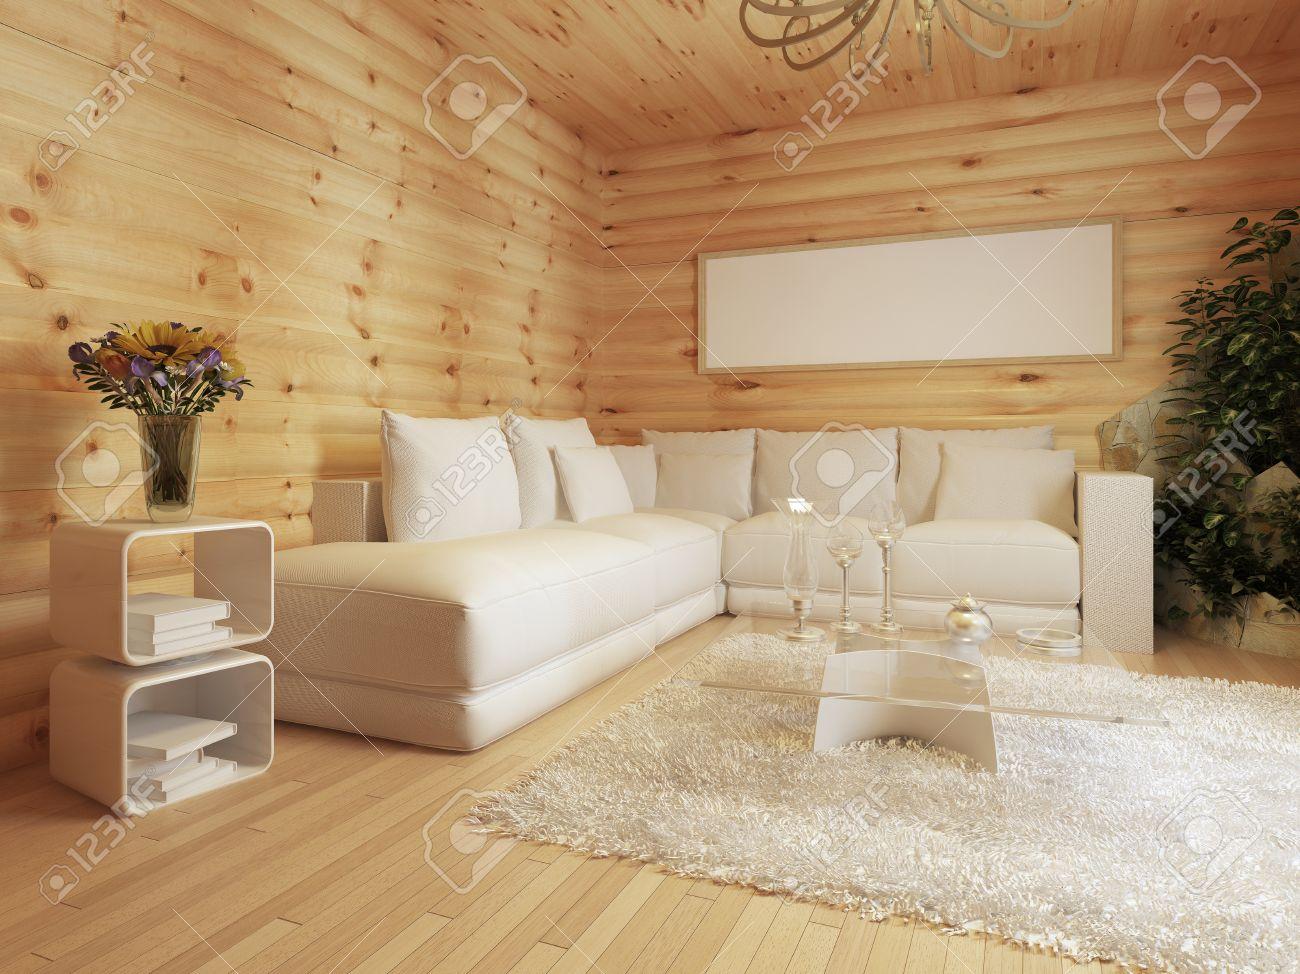 Salón Interior En Una Casa De Madera. Interior En Estilo Moderno Con ...